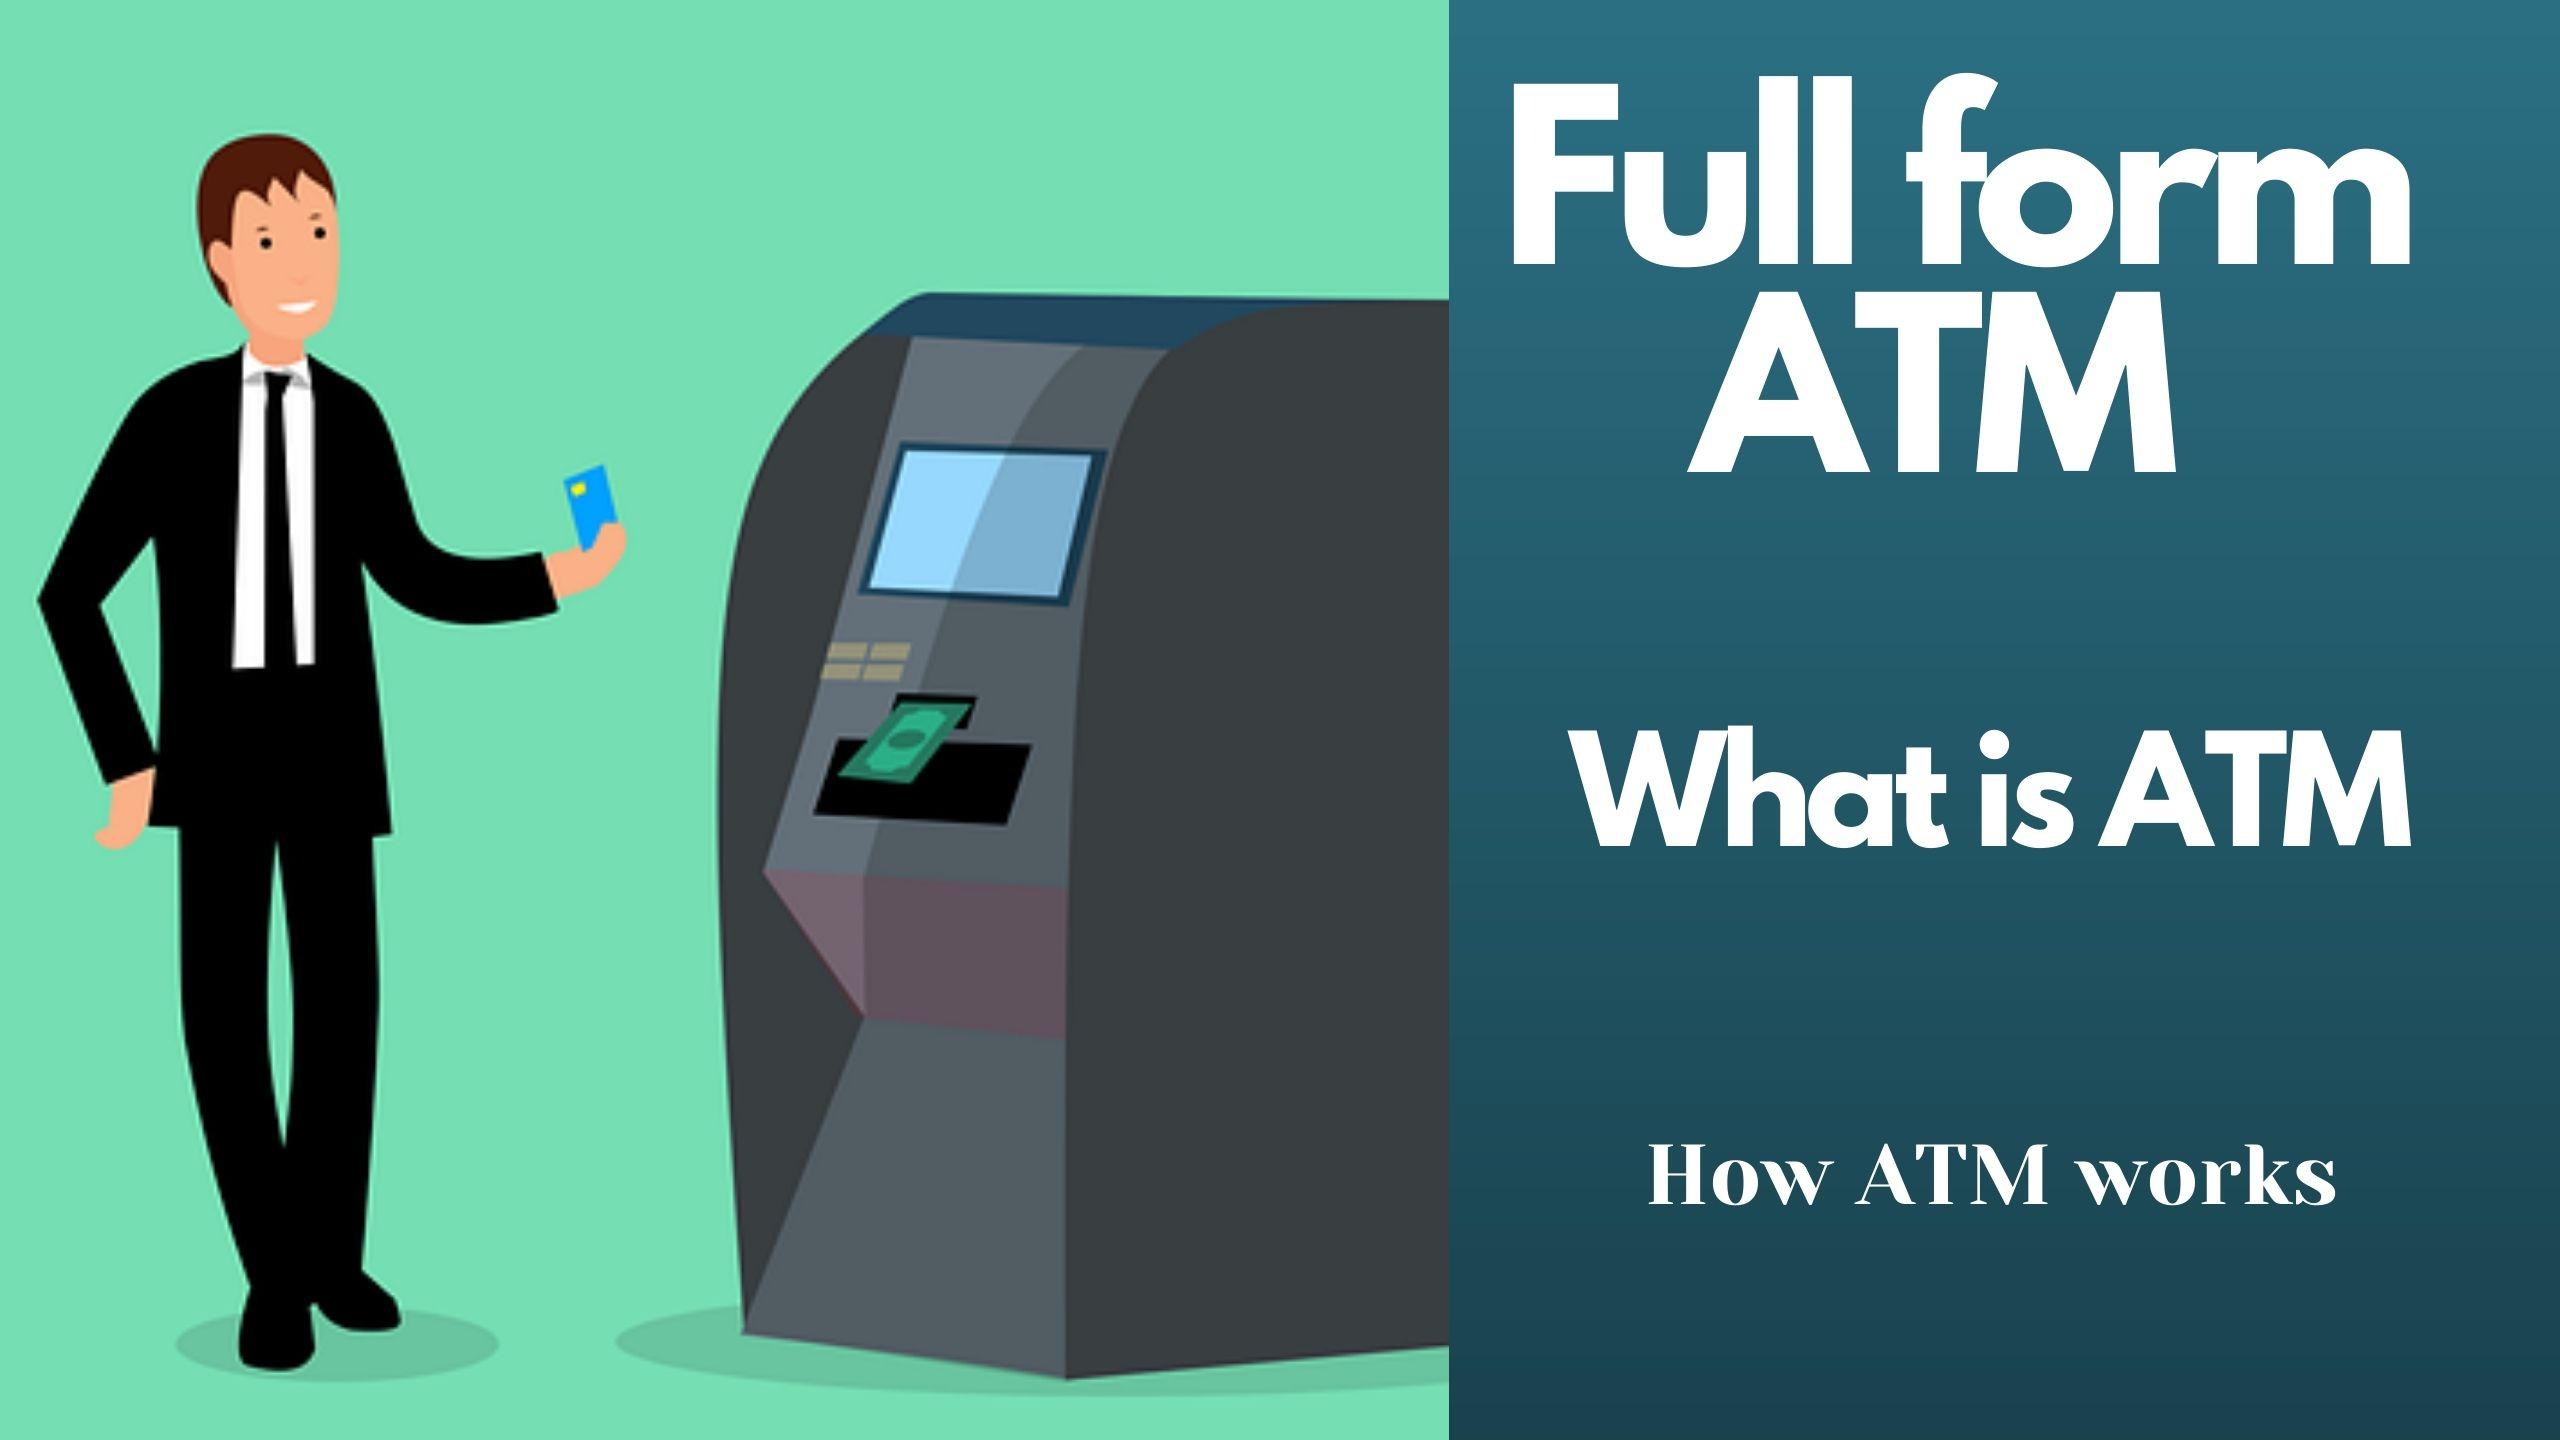 Full form ATM